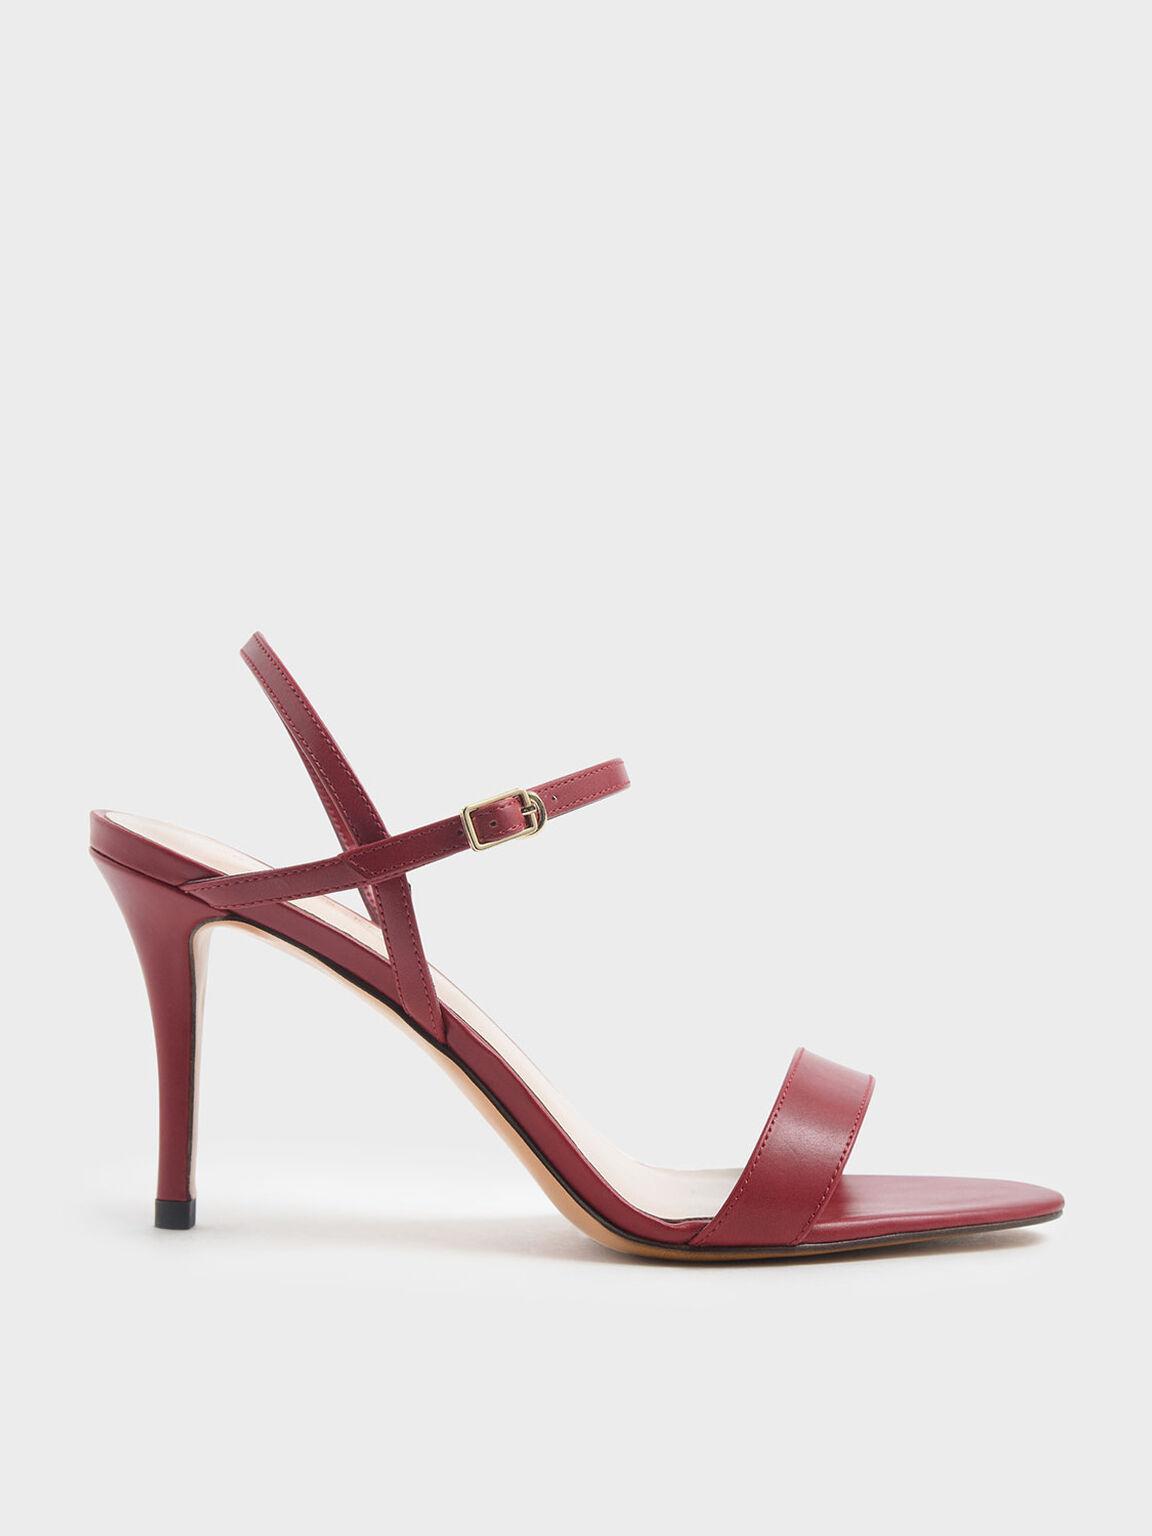 Classic Stiletto Heel Sandals, Red, hi-res